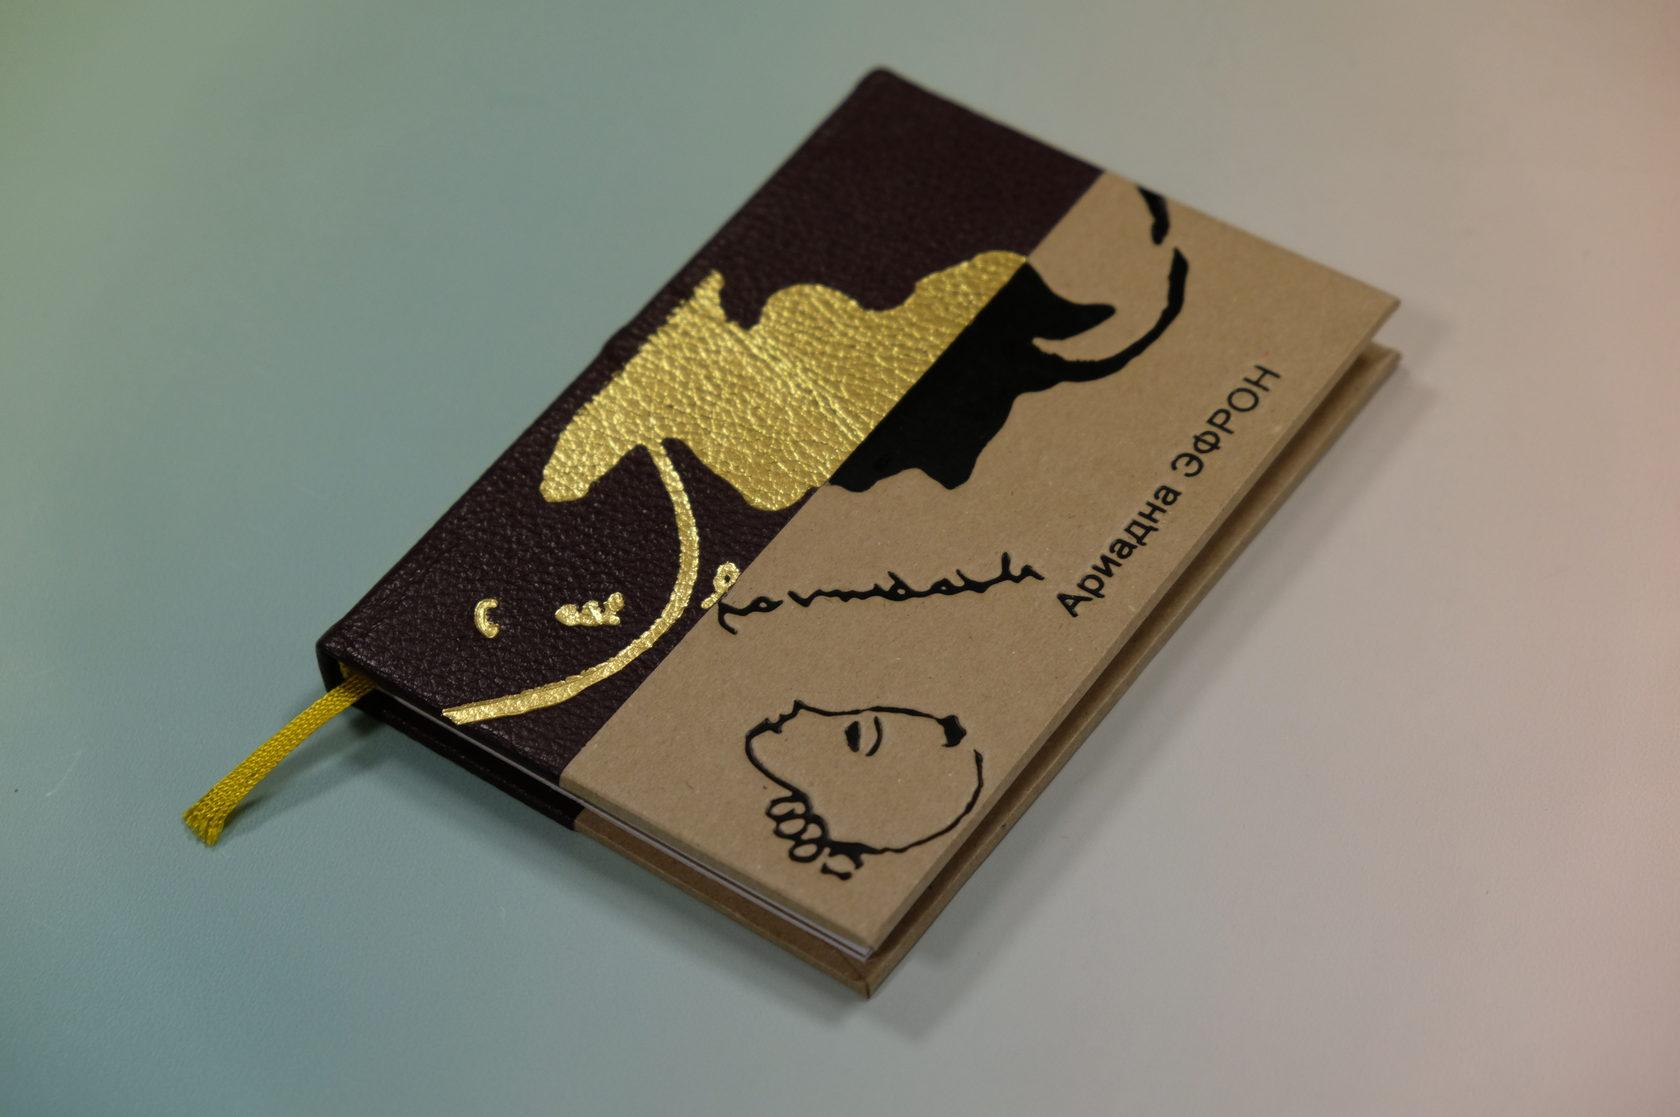 Купить книгу Ариадна Эфрон «Ошеломление. Стихи и устные рассказы» 978-5-98856-381-5